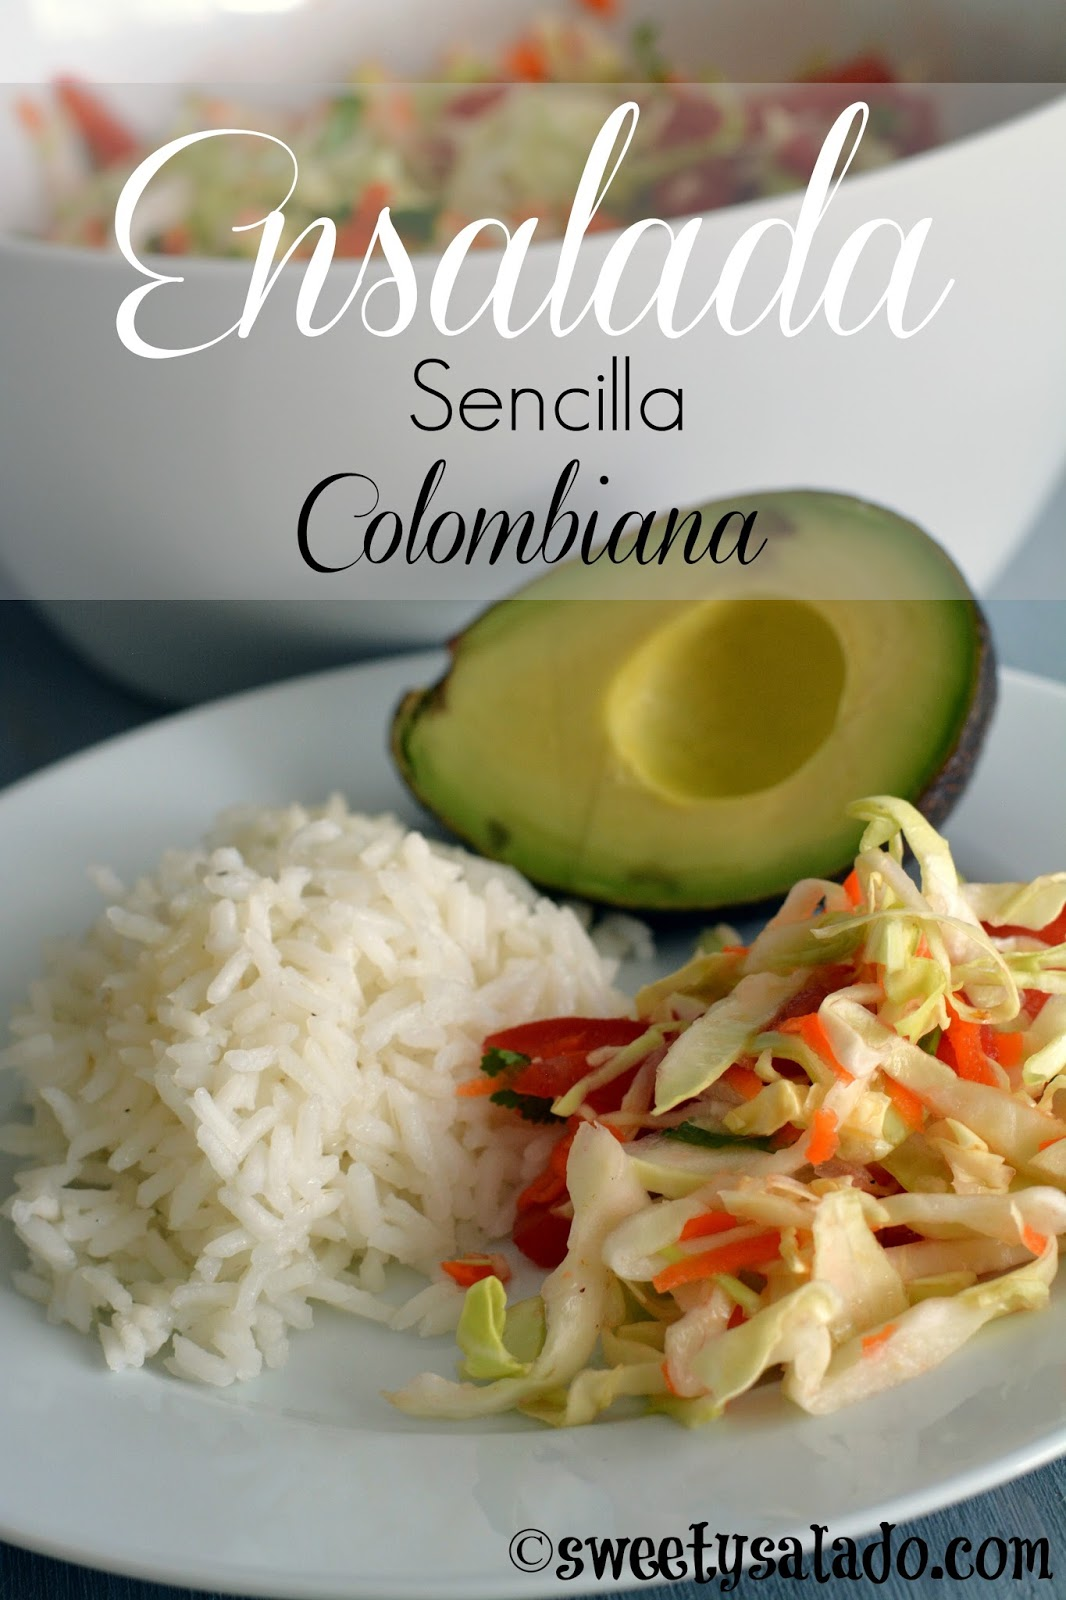 Recetas de ensaladas sencillas colombianas